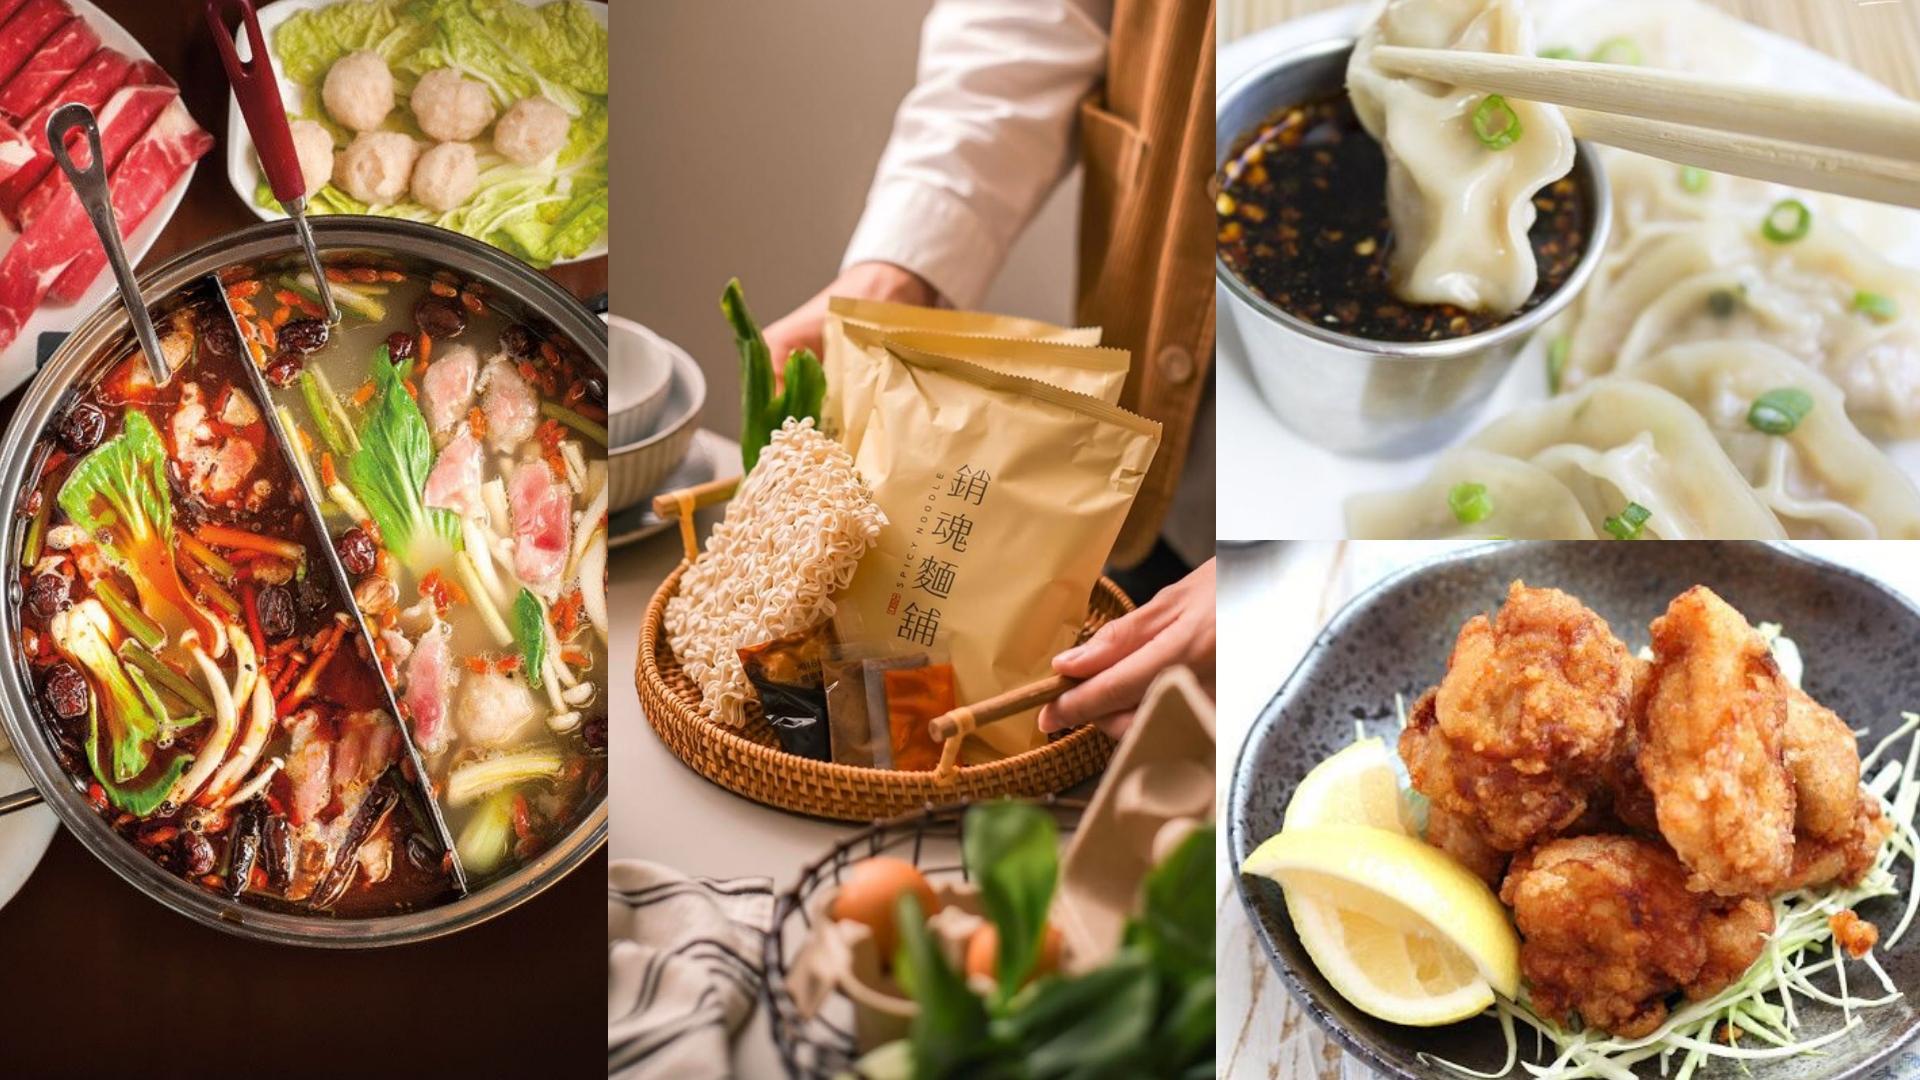 以往只能外食才能吃到的料理,現在在家也超方便吃!